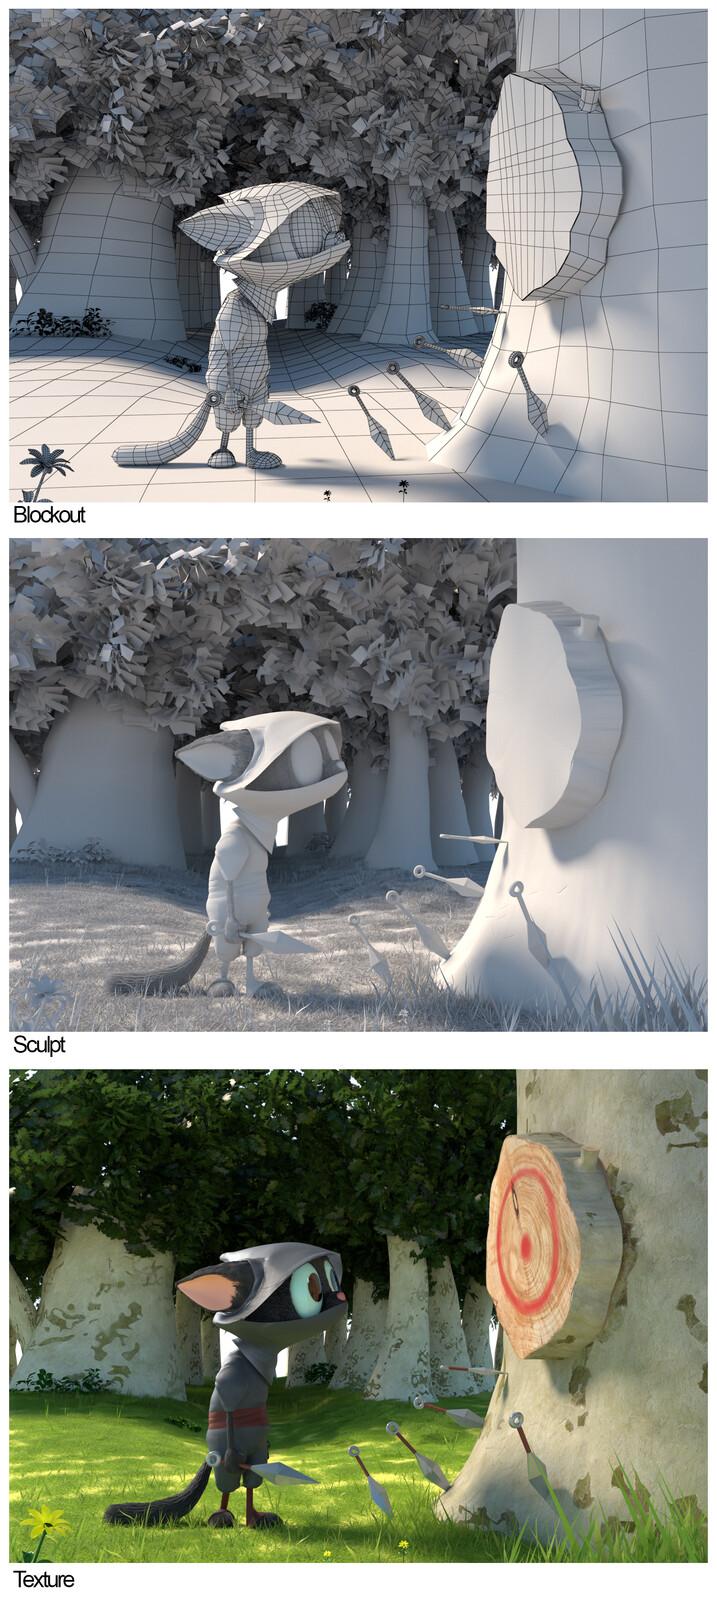 Blockout vs Sculpt vs Texture